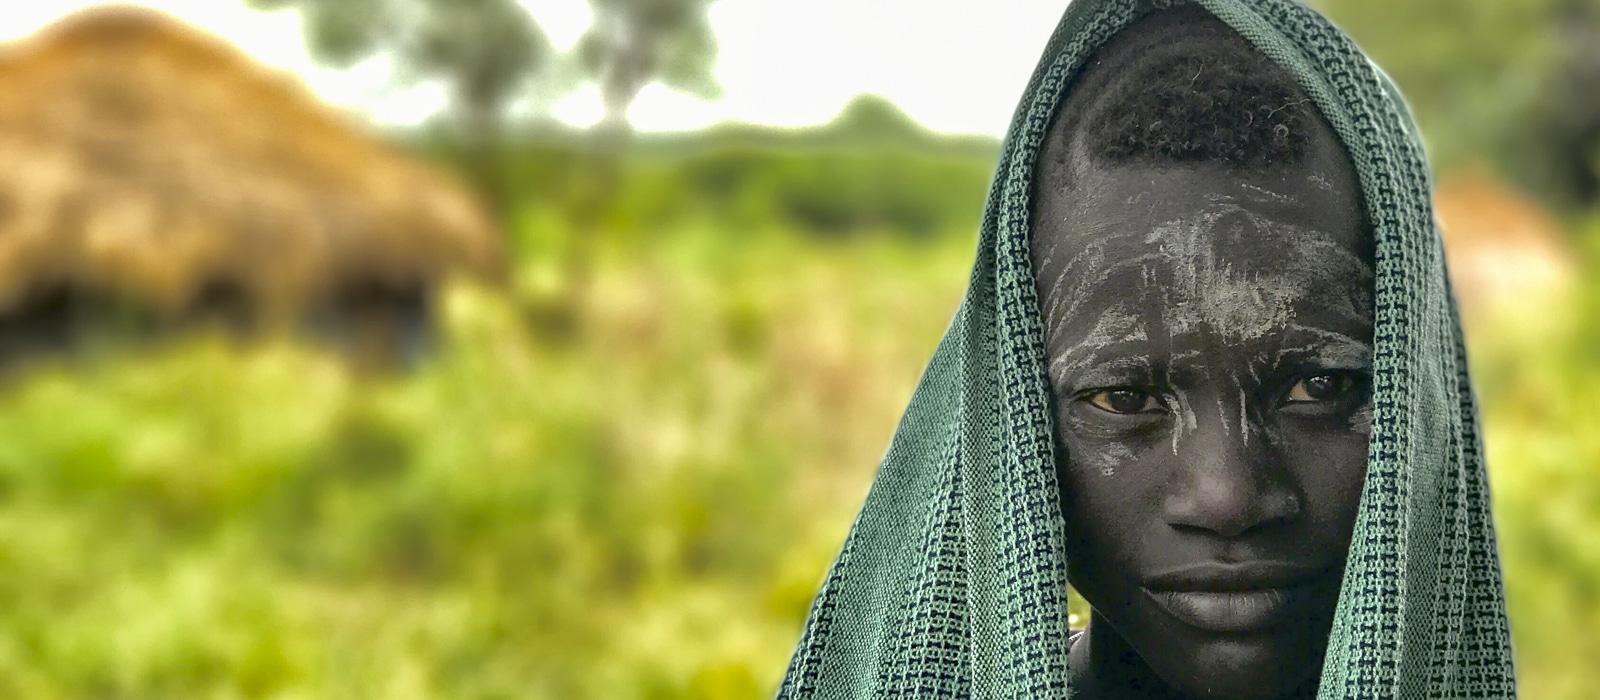 img-diapo-entete - Ethnie Karo - Ethiopie-1600x700-22.jpg